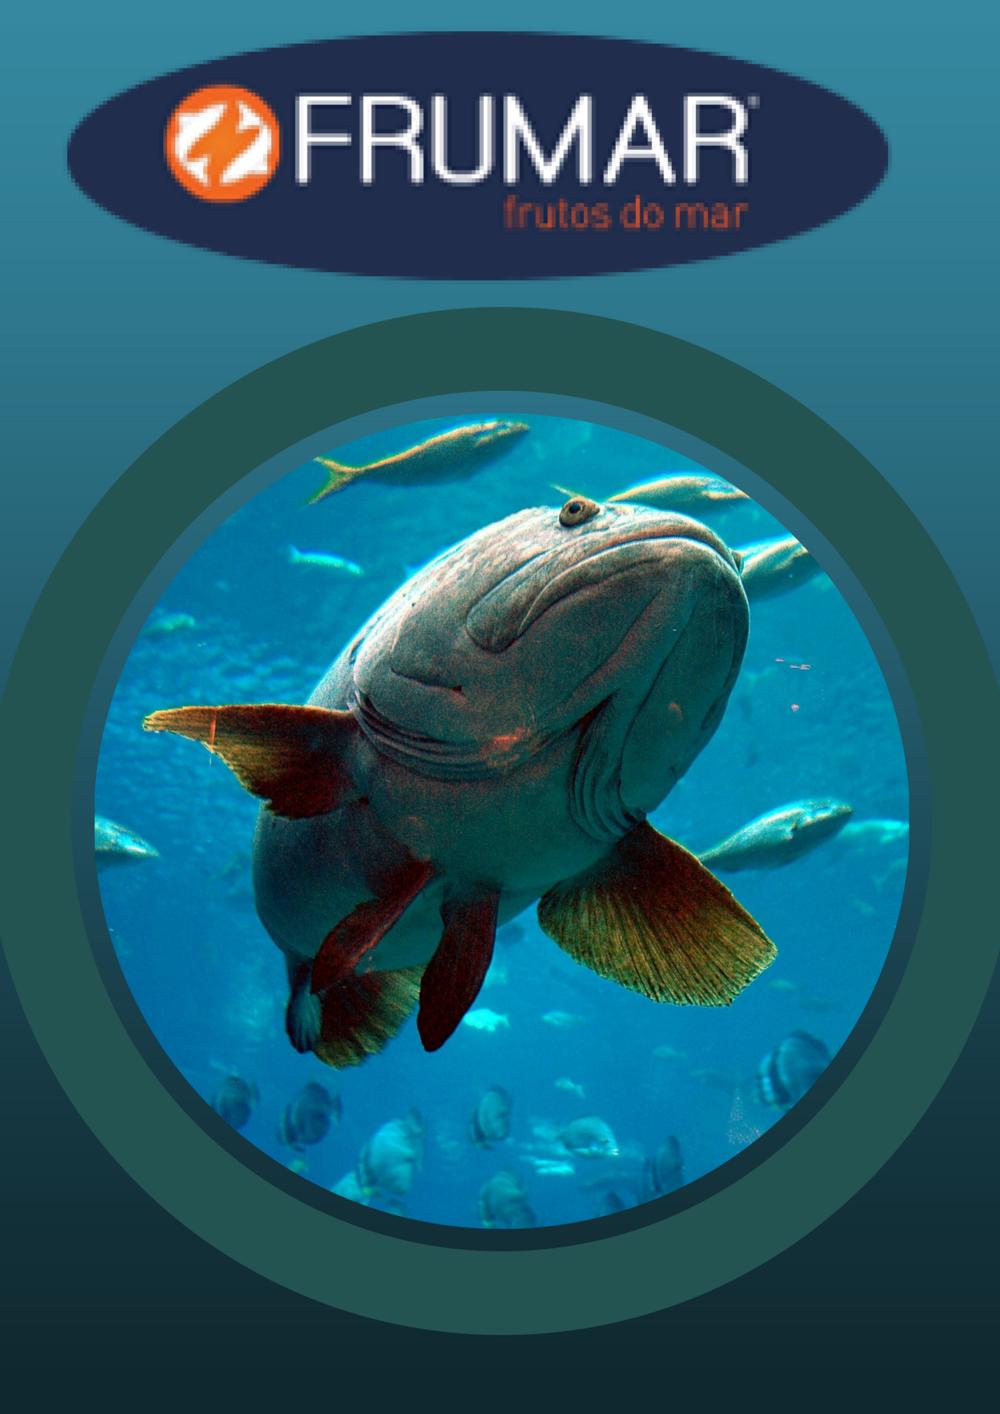 peixefrumar2.png